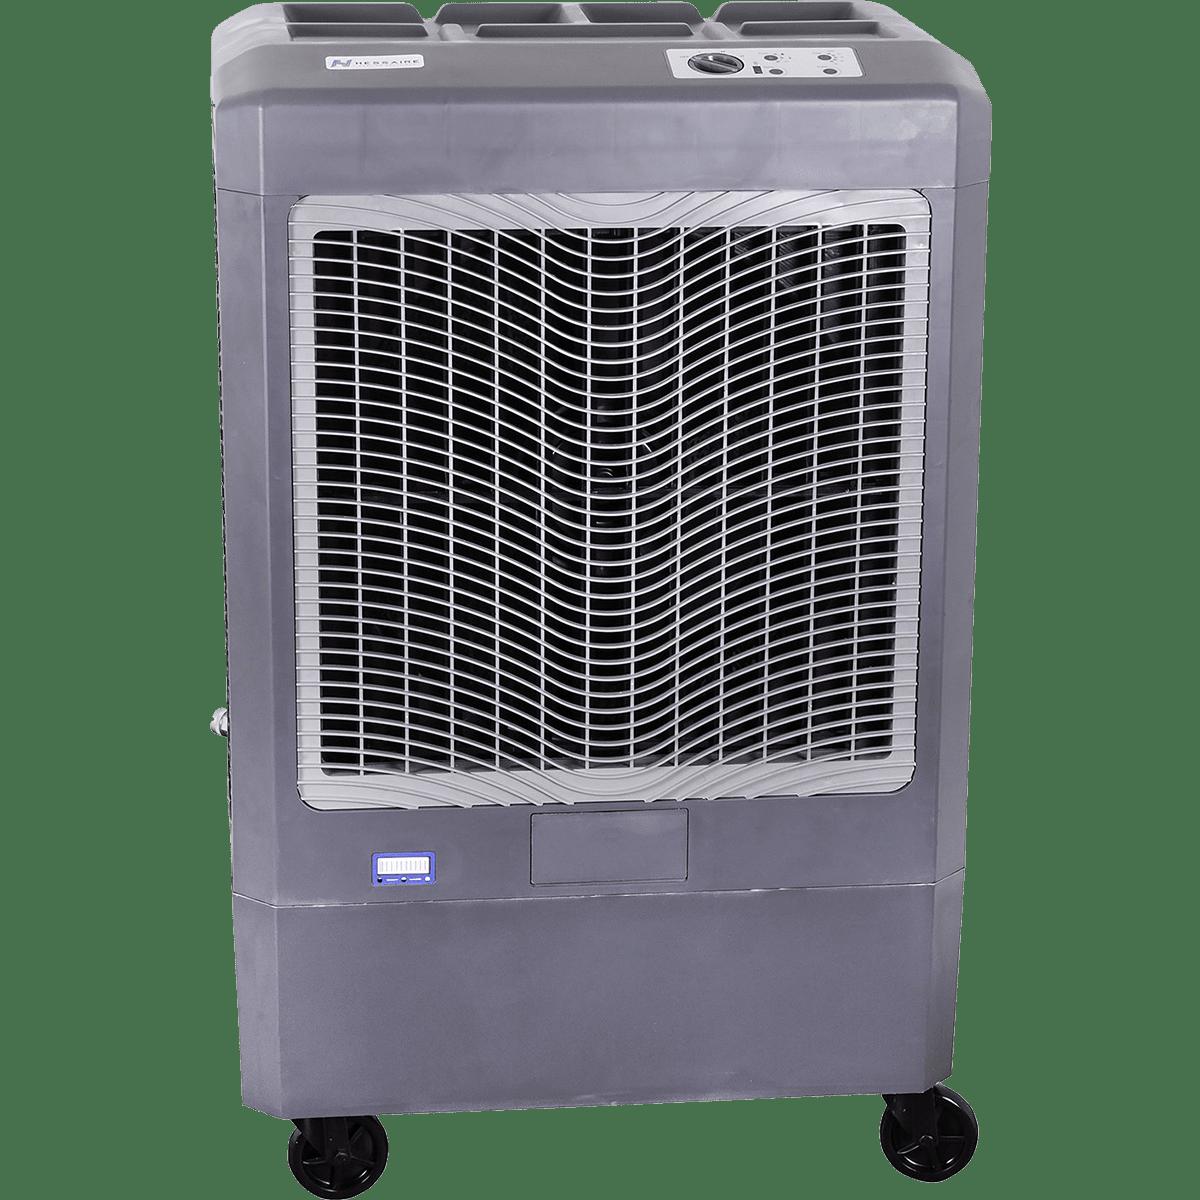 Hessaire MC61A 5,300 CFM Evaporative Cooler w/ Automatic Controls he6351